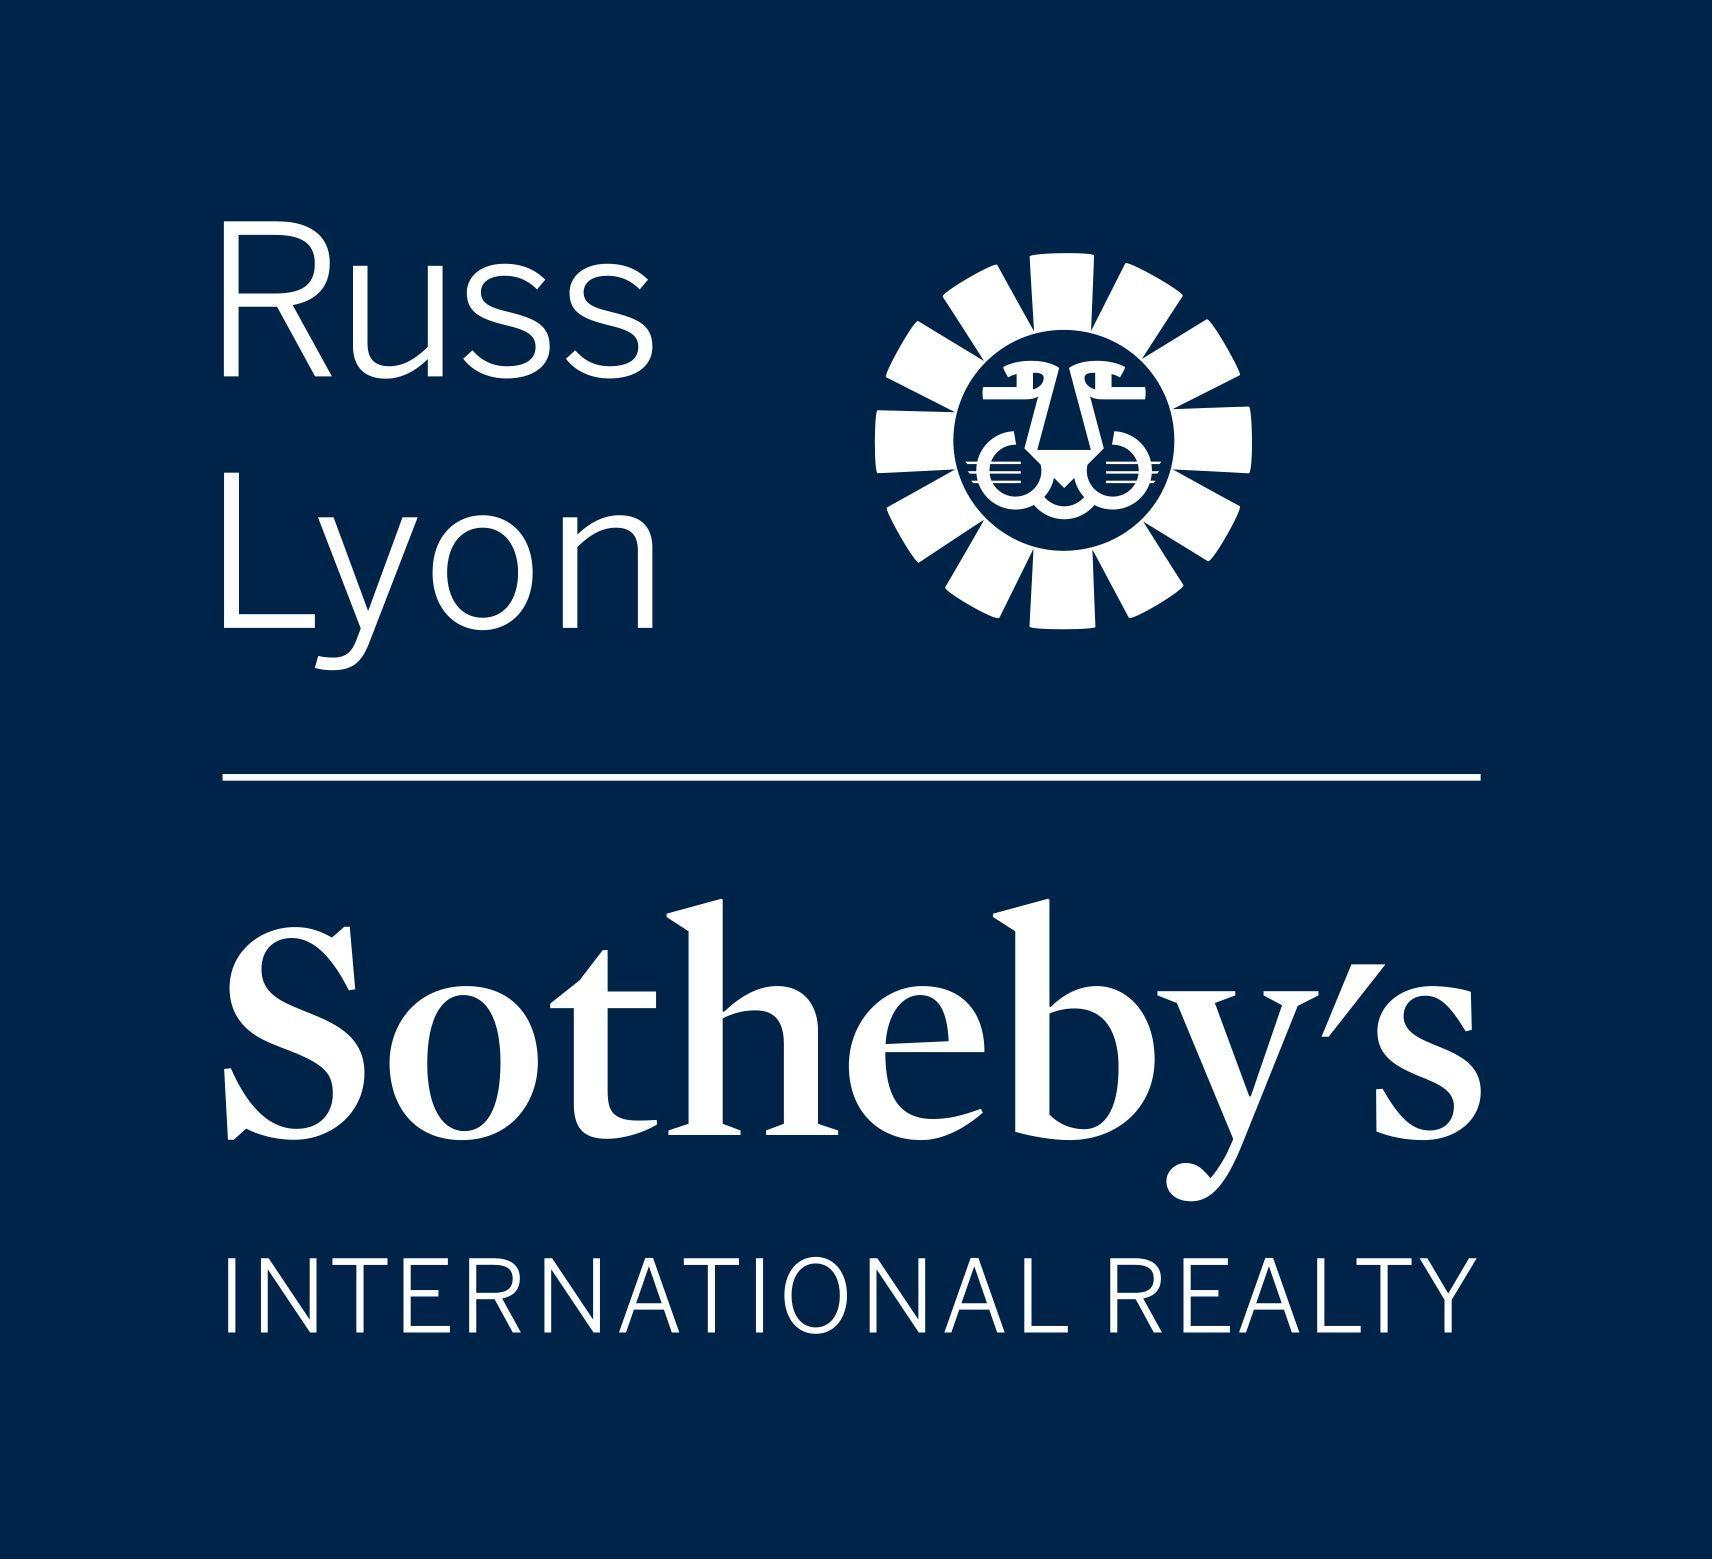 Russ Lyon Sotheby's